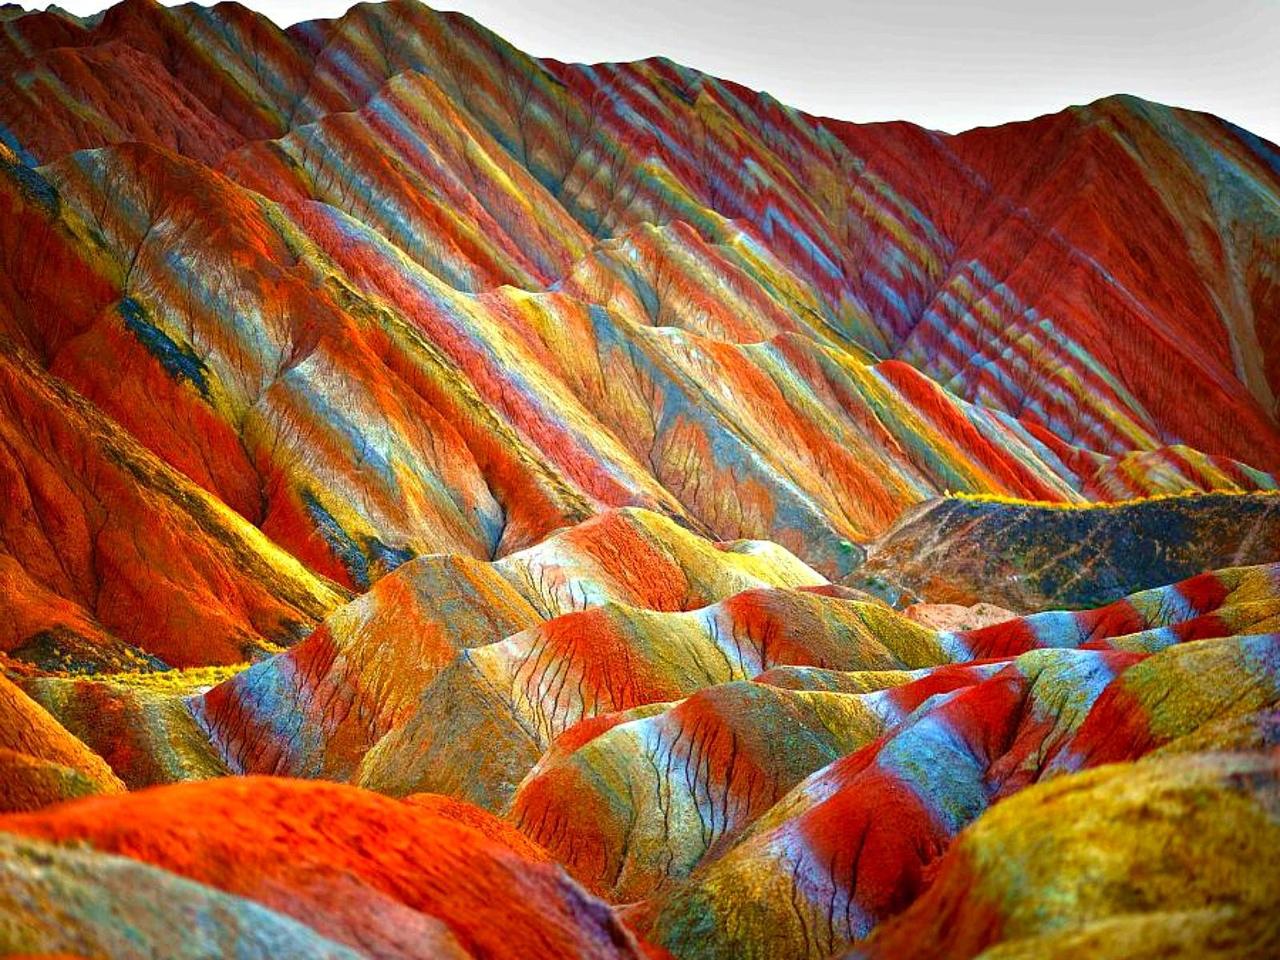 Viaggio Nelle Incredibili Montagne Arcobaleno Della Cina Corriere It